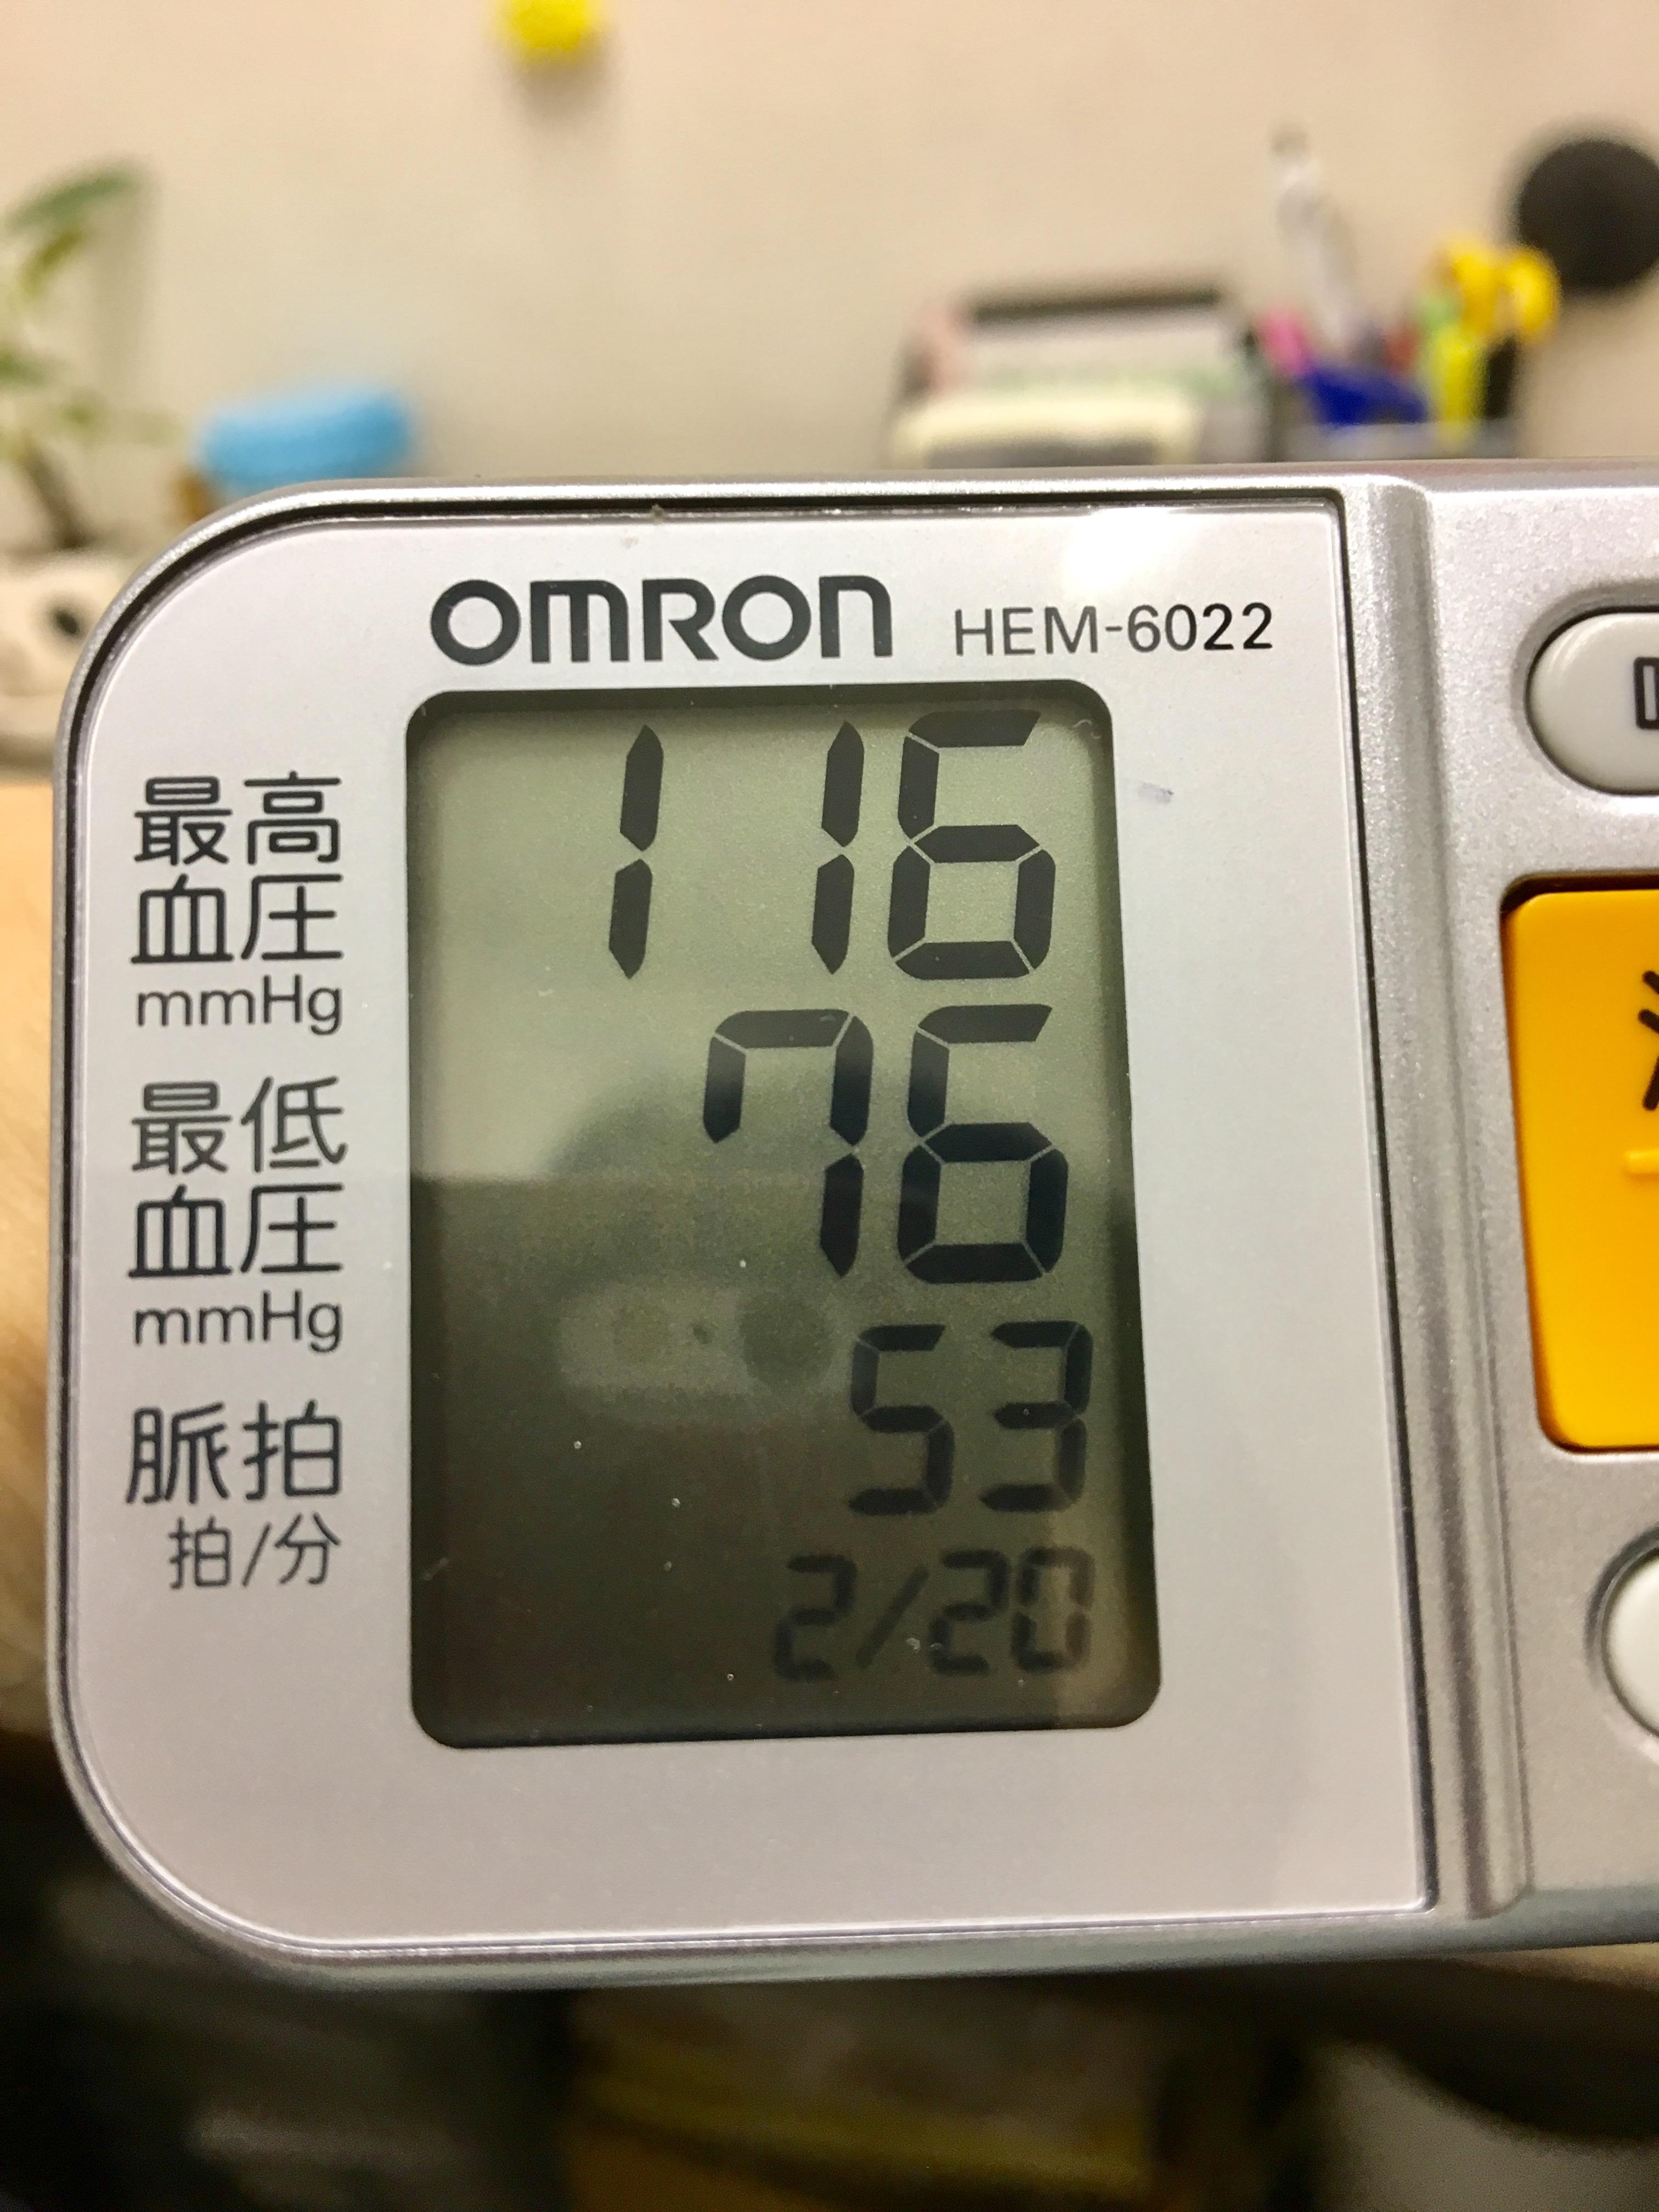 [ブログ]血圧130超えたら…